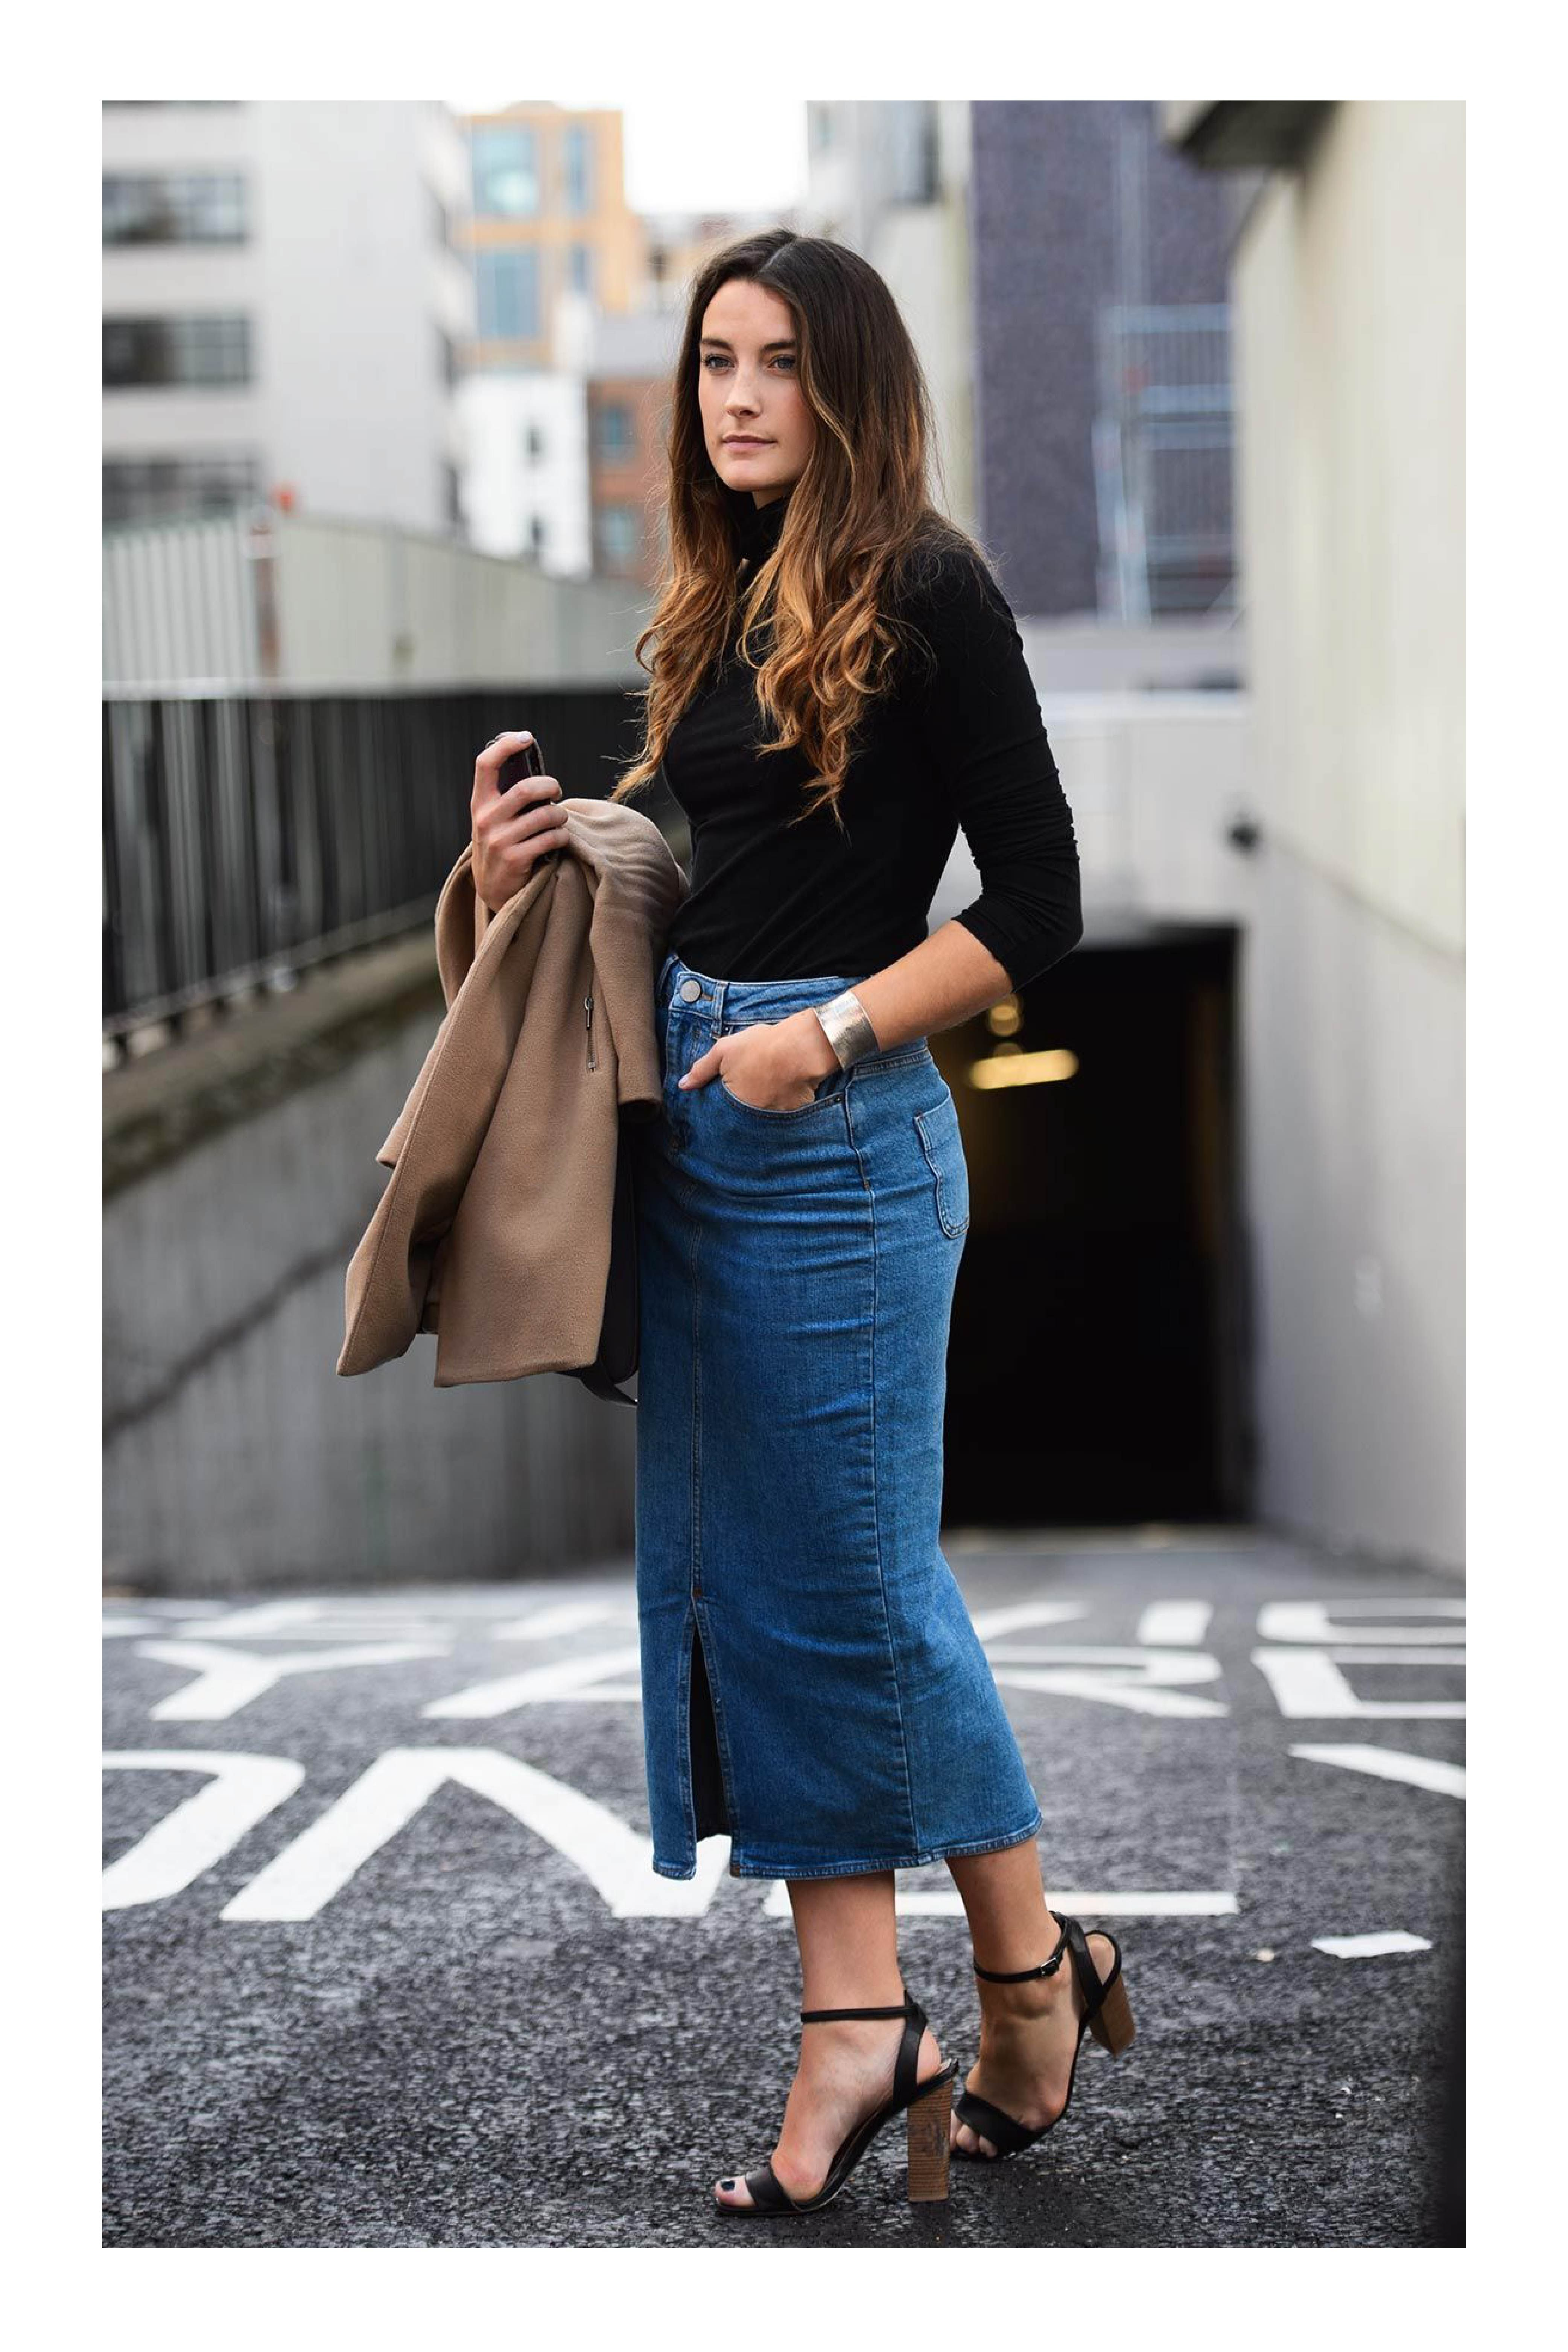 Tipos de calzado que necesitas en tu armario para combinar cualquier outfit   TiZKKAmoda  blusa  negro  falda  denim  mezclilla  zapatillas  look   fashion 07dc0924f7a7